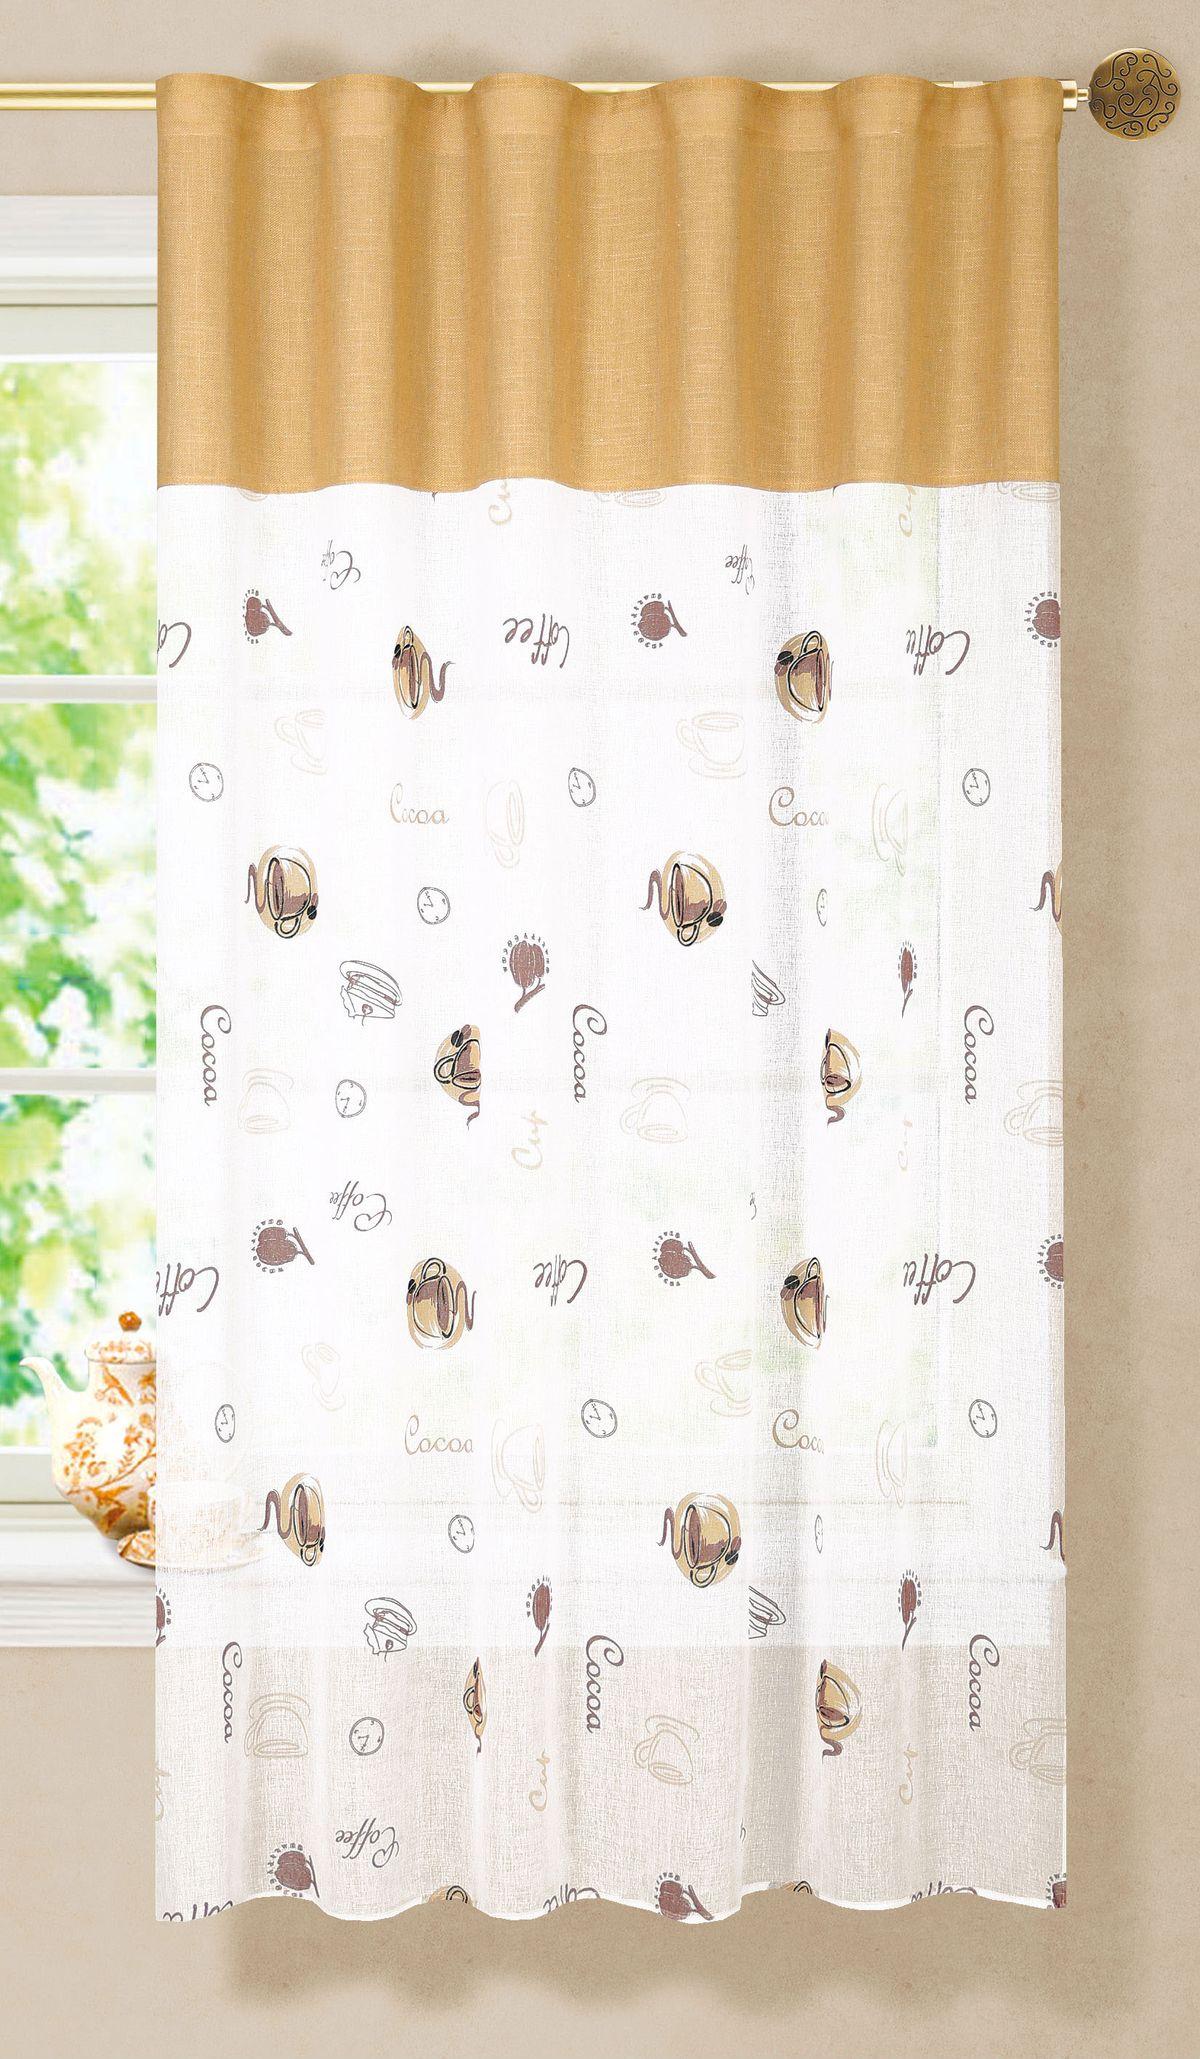 Штора готовая Garden, на ленте, цвет: белый, высота 180 см. С 6333 - W1887 - W1222 V604833-ФШ-БЛ-001Изящная штора Garden для кухни выполнена из ткани с оригинальной структурой - батист. Приятная расцветка привлечет к себе внимание и органичновпишется в интерьер помещения.Штора крепится на карниз при помощи ленты, которая поможет красиво и равномерно задрапировать верх.